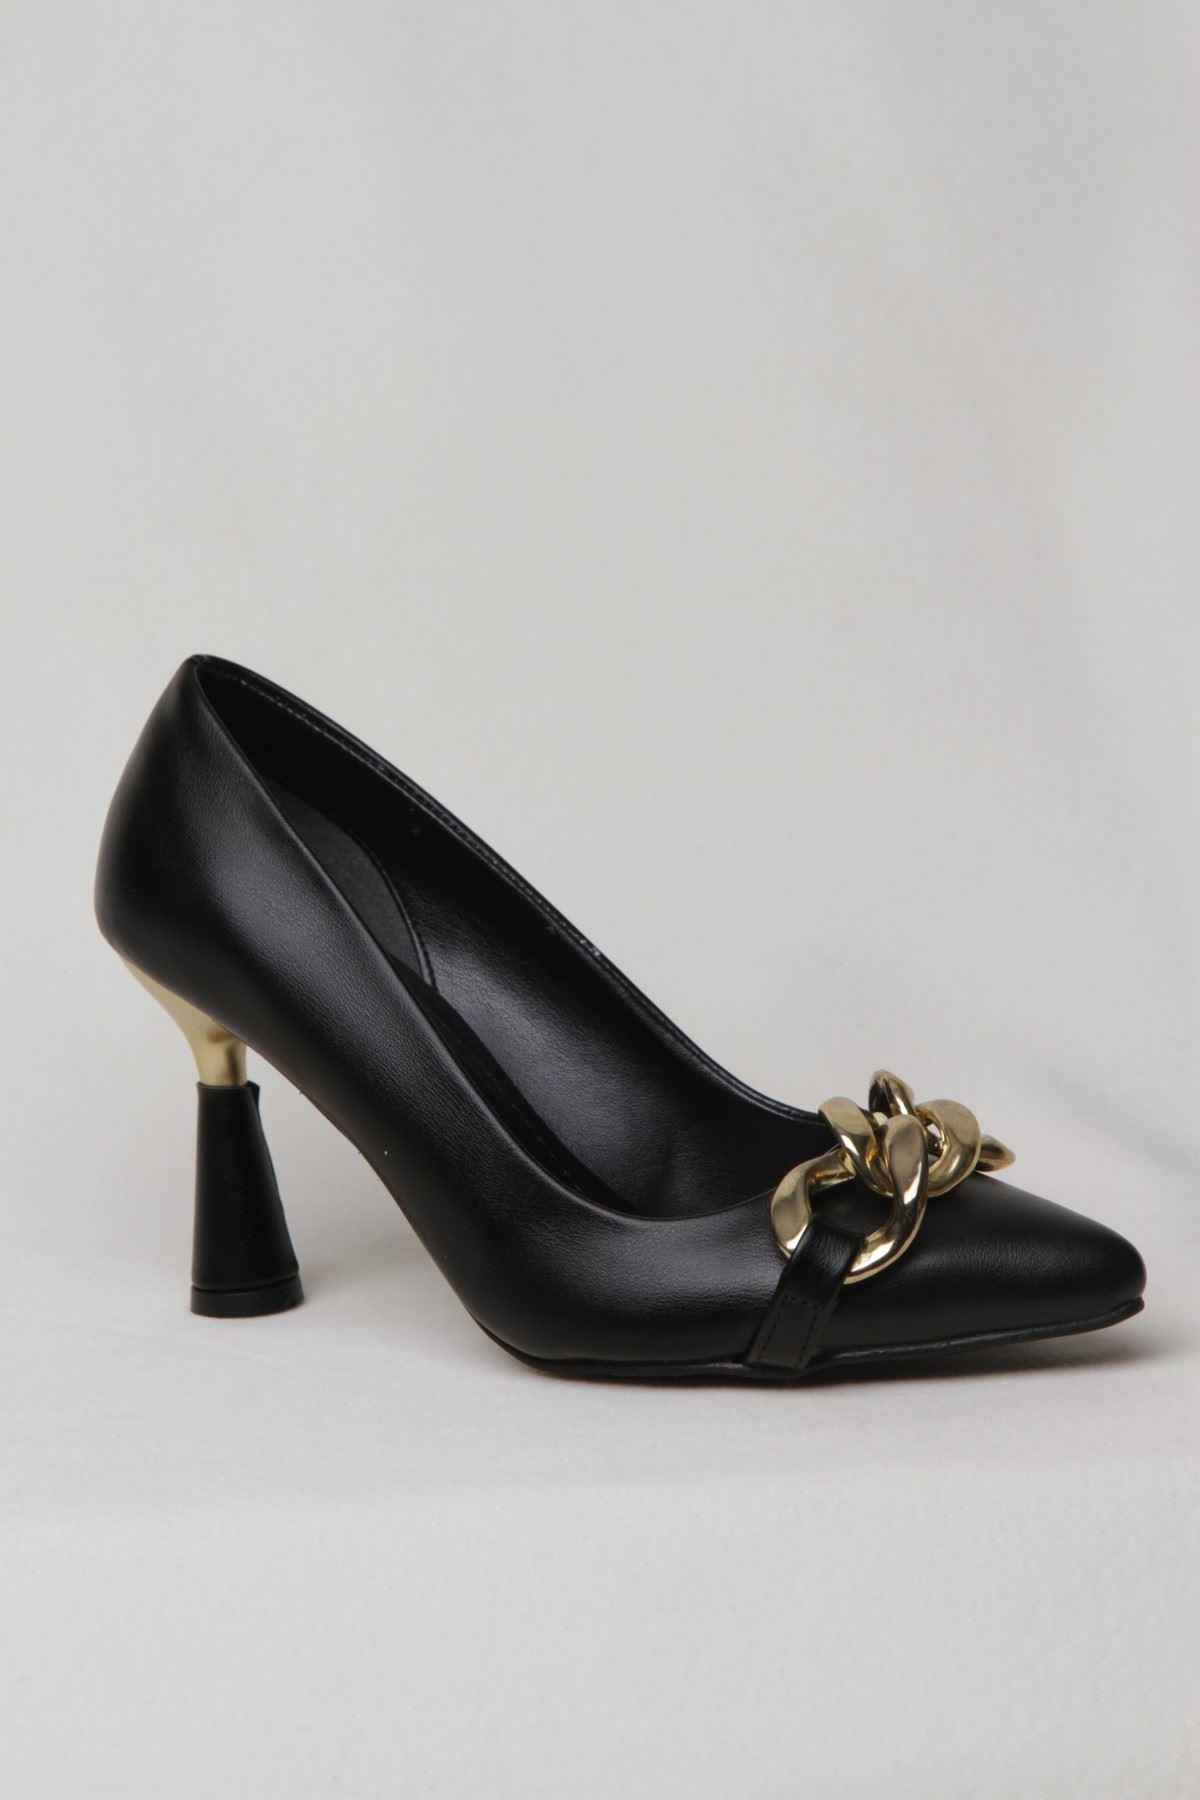 Kadın Zincir Detaylı Topuklu Abiye Ayakkabı - Siyah